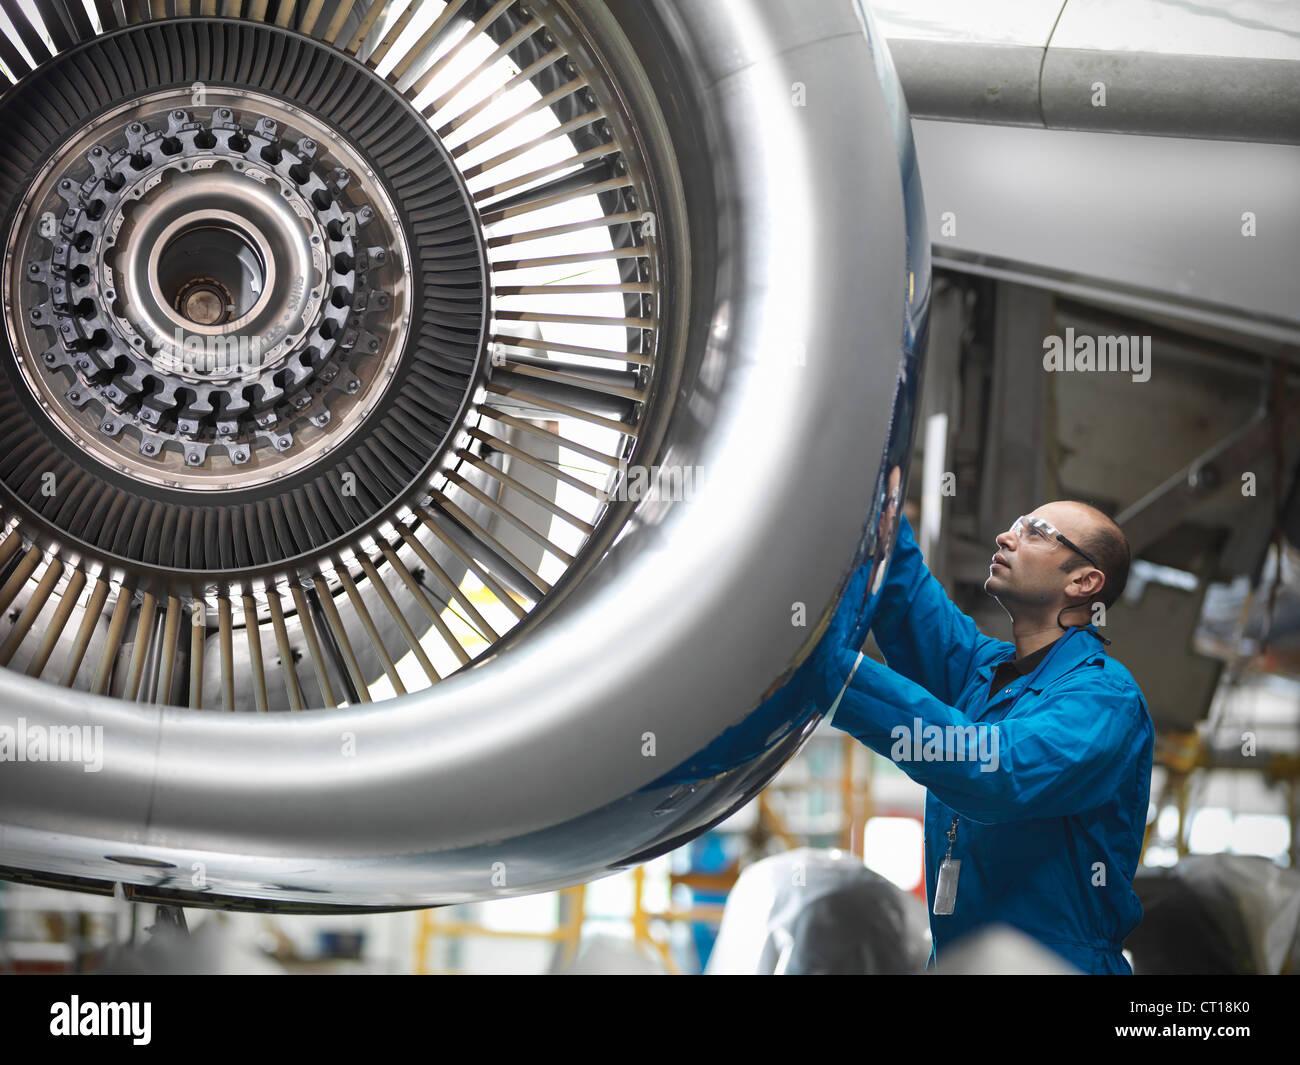 Trabajador examinando un motor de avión Imagen De Stock